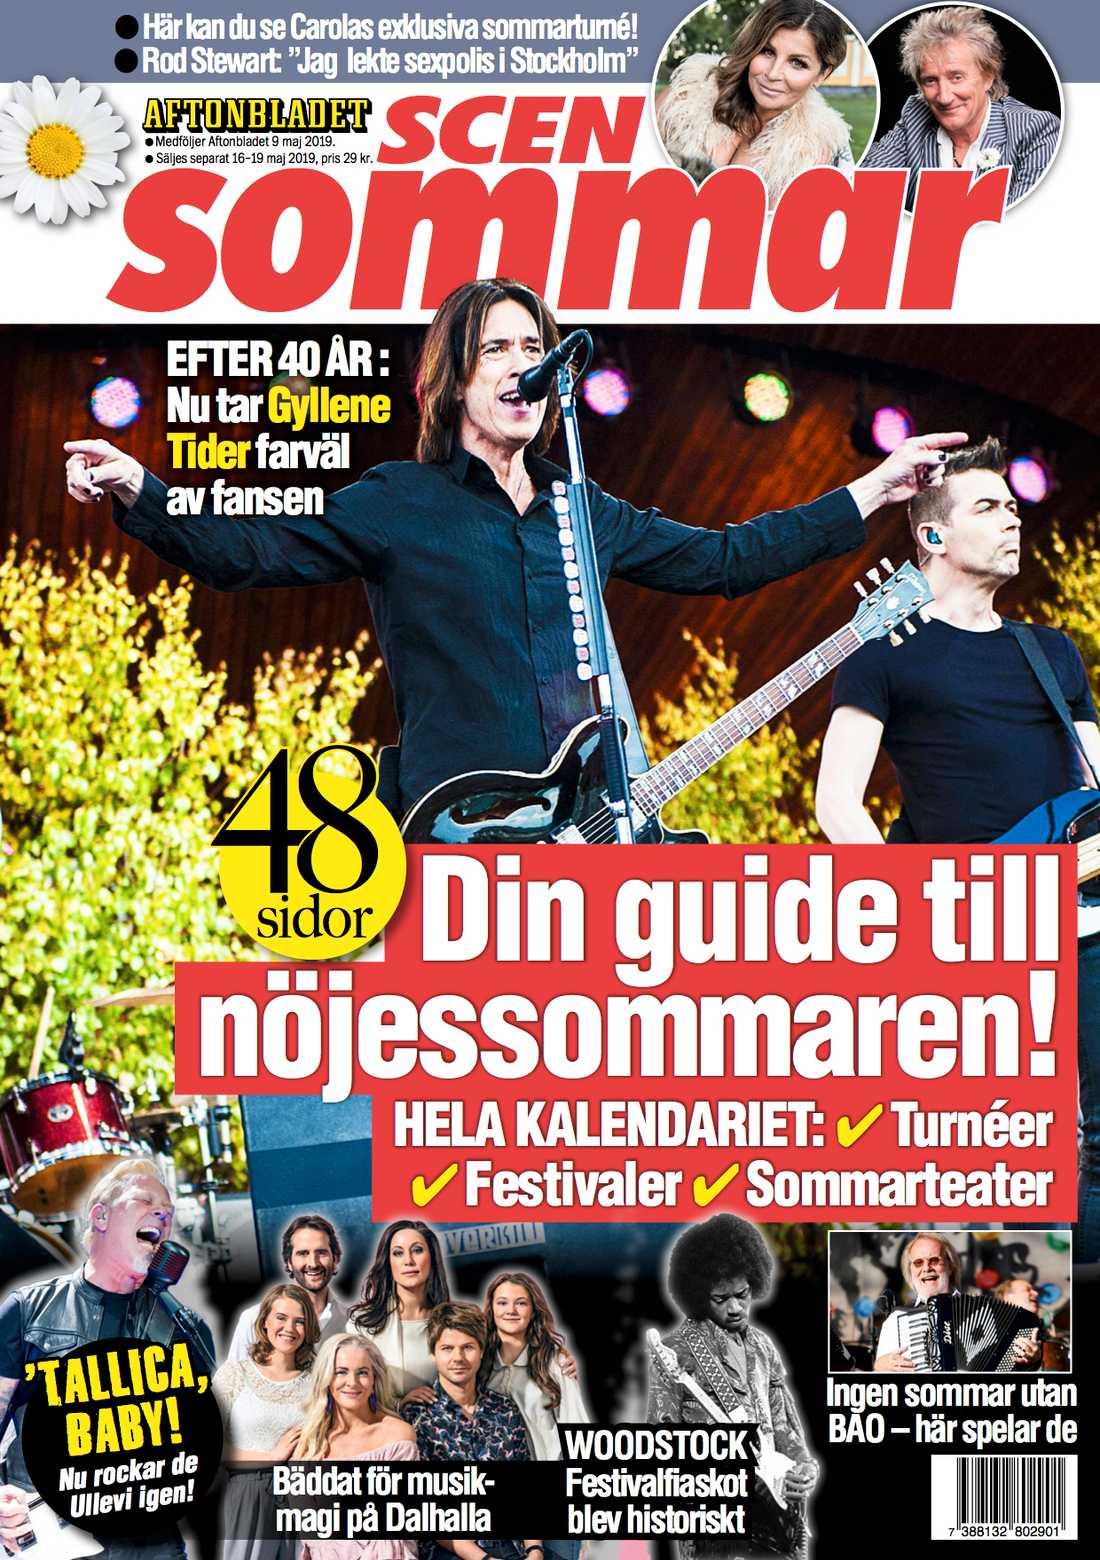 Magasinet Scensommar följer med Aftonbladet 9 maj.